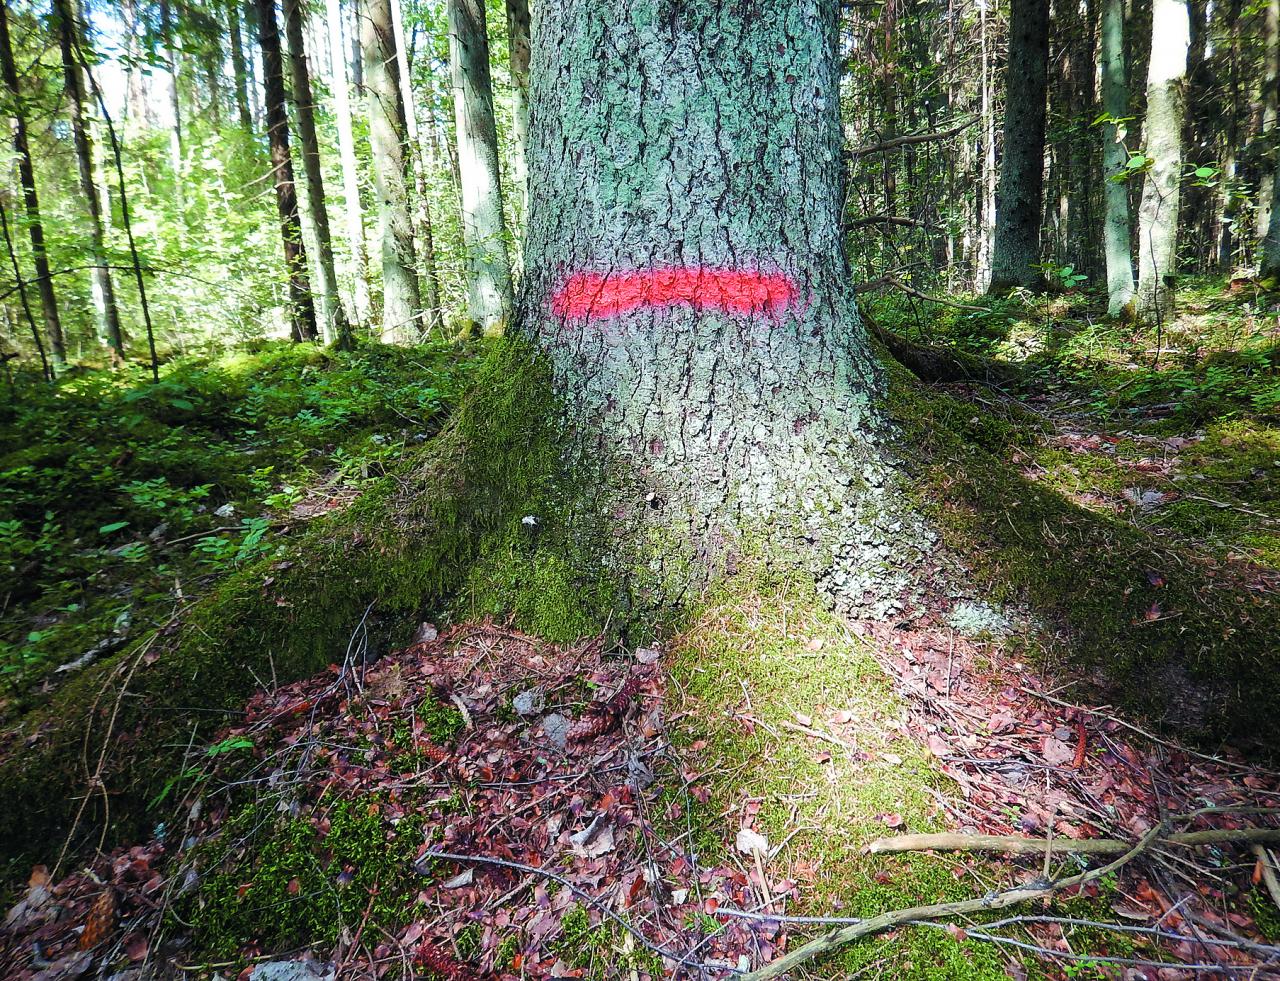 Augoša meža uzmērīšanā daudzi mērījumi un normatīvi ir piesieti tā sauktajam krūšaugstuma caurmēram – 1,3 m augstumā virs sakņu kakla. Sakņu kakls skaitās vieta pie celma, kur celma sakņu daļa pāriet stumbrā.